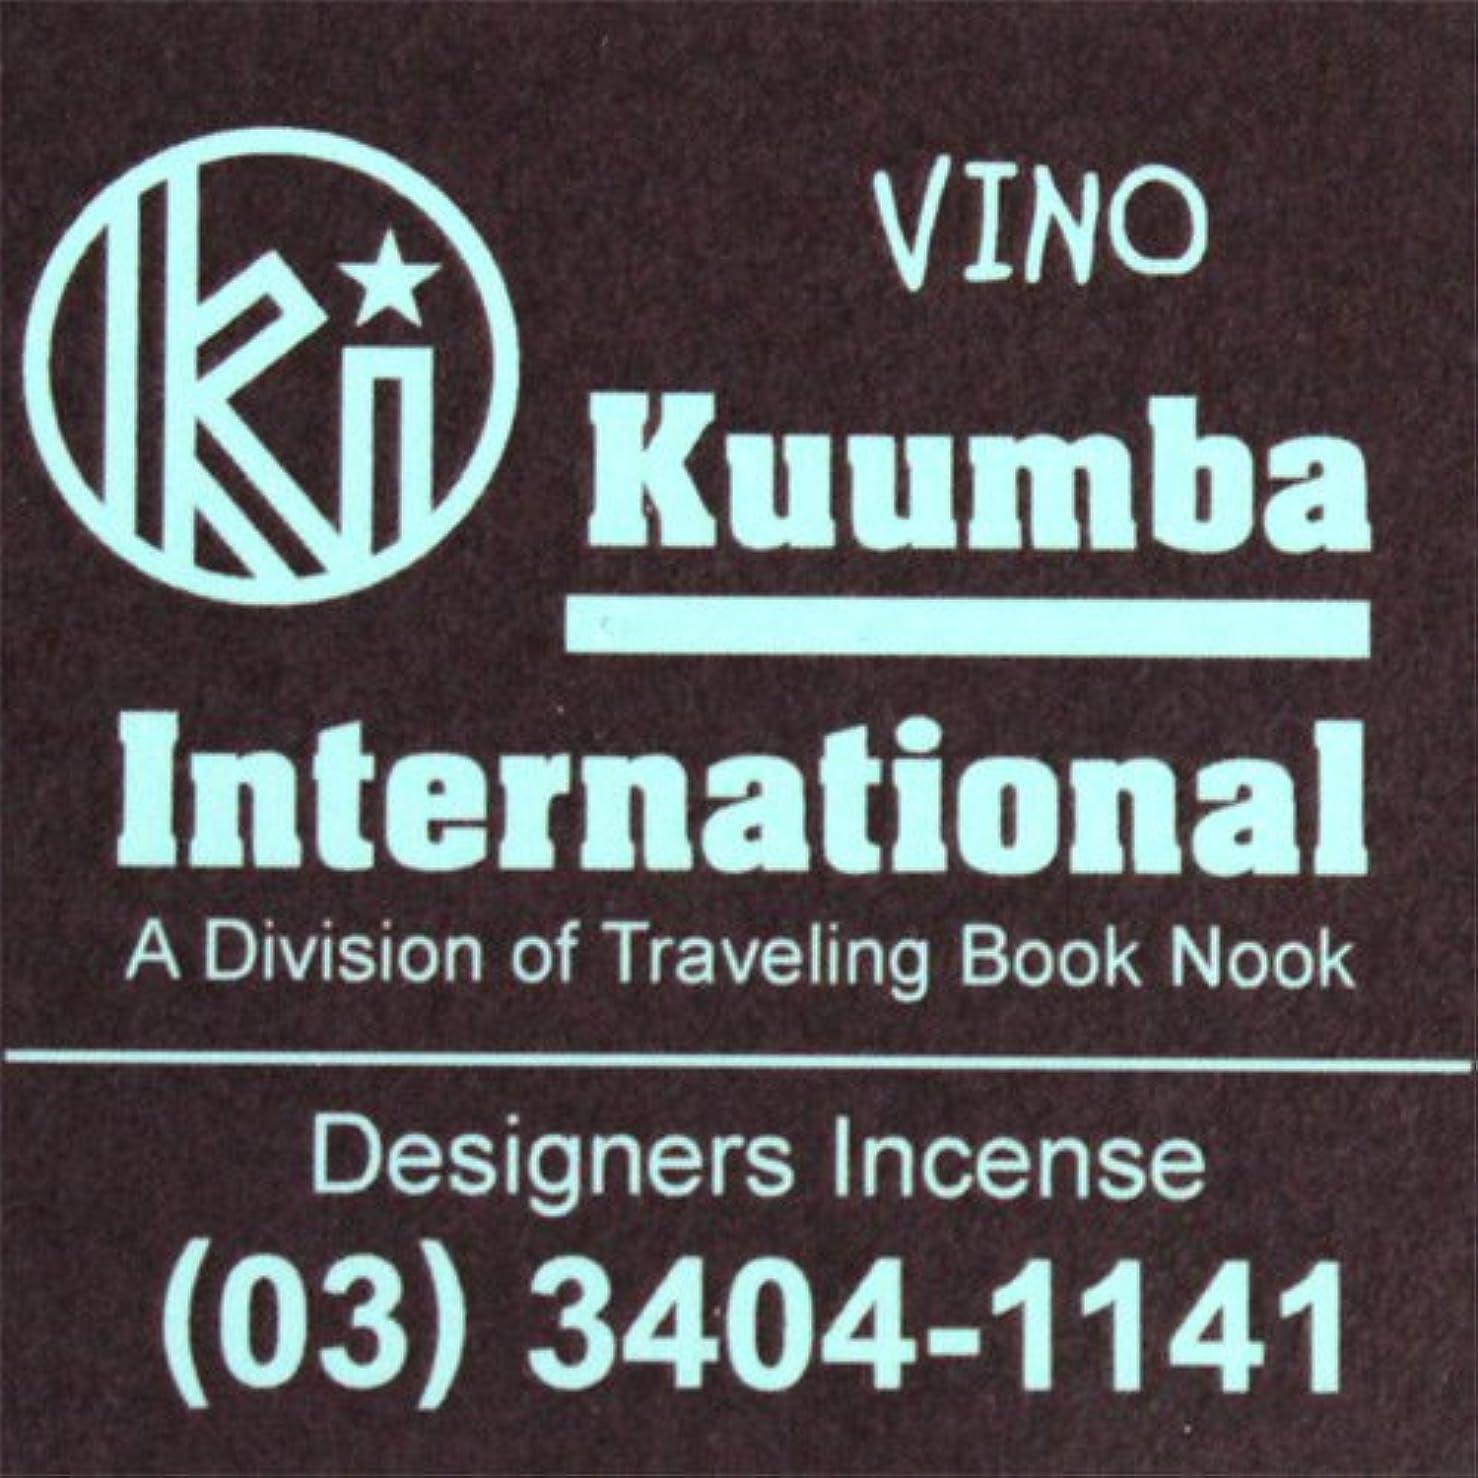 地味なモノグラフラケットKUUMBA / クンバ『incense』(Vino) (Regular size)